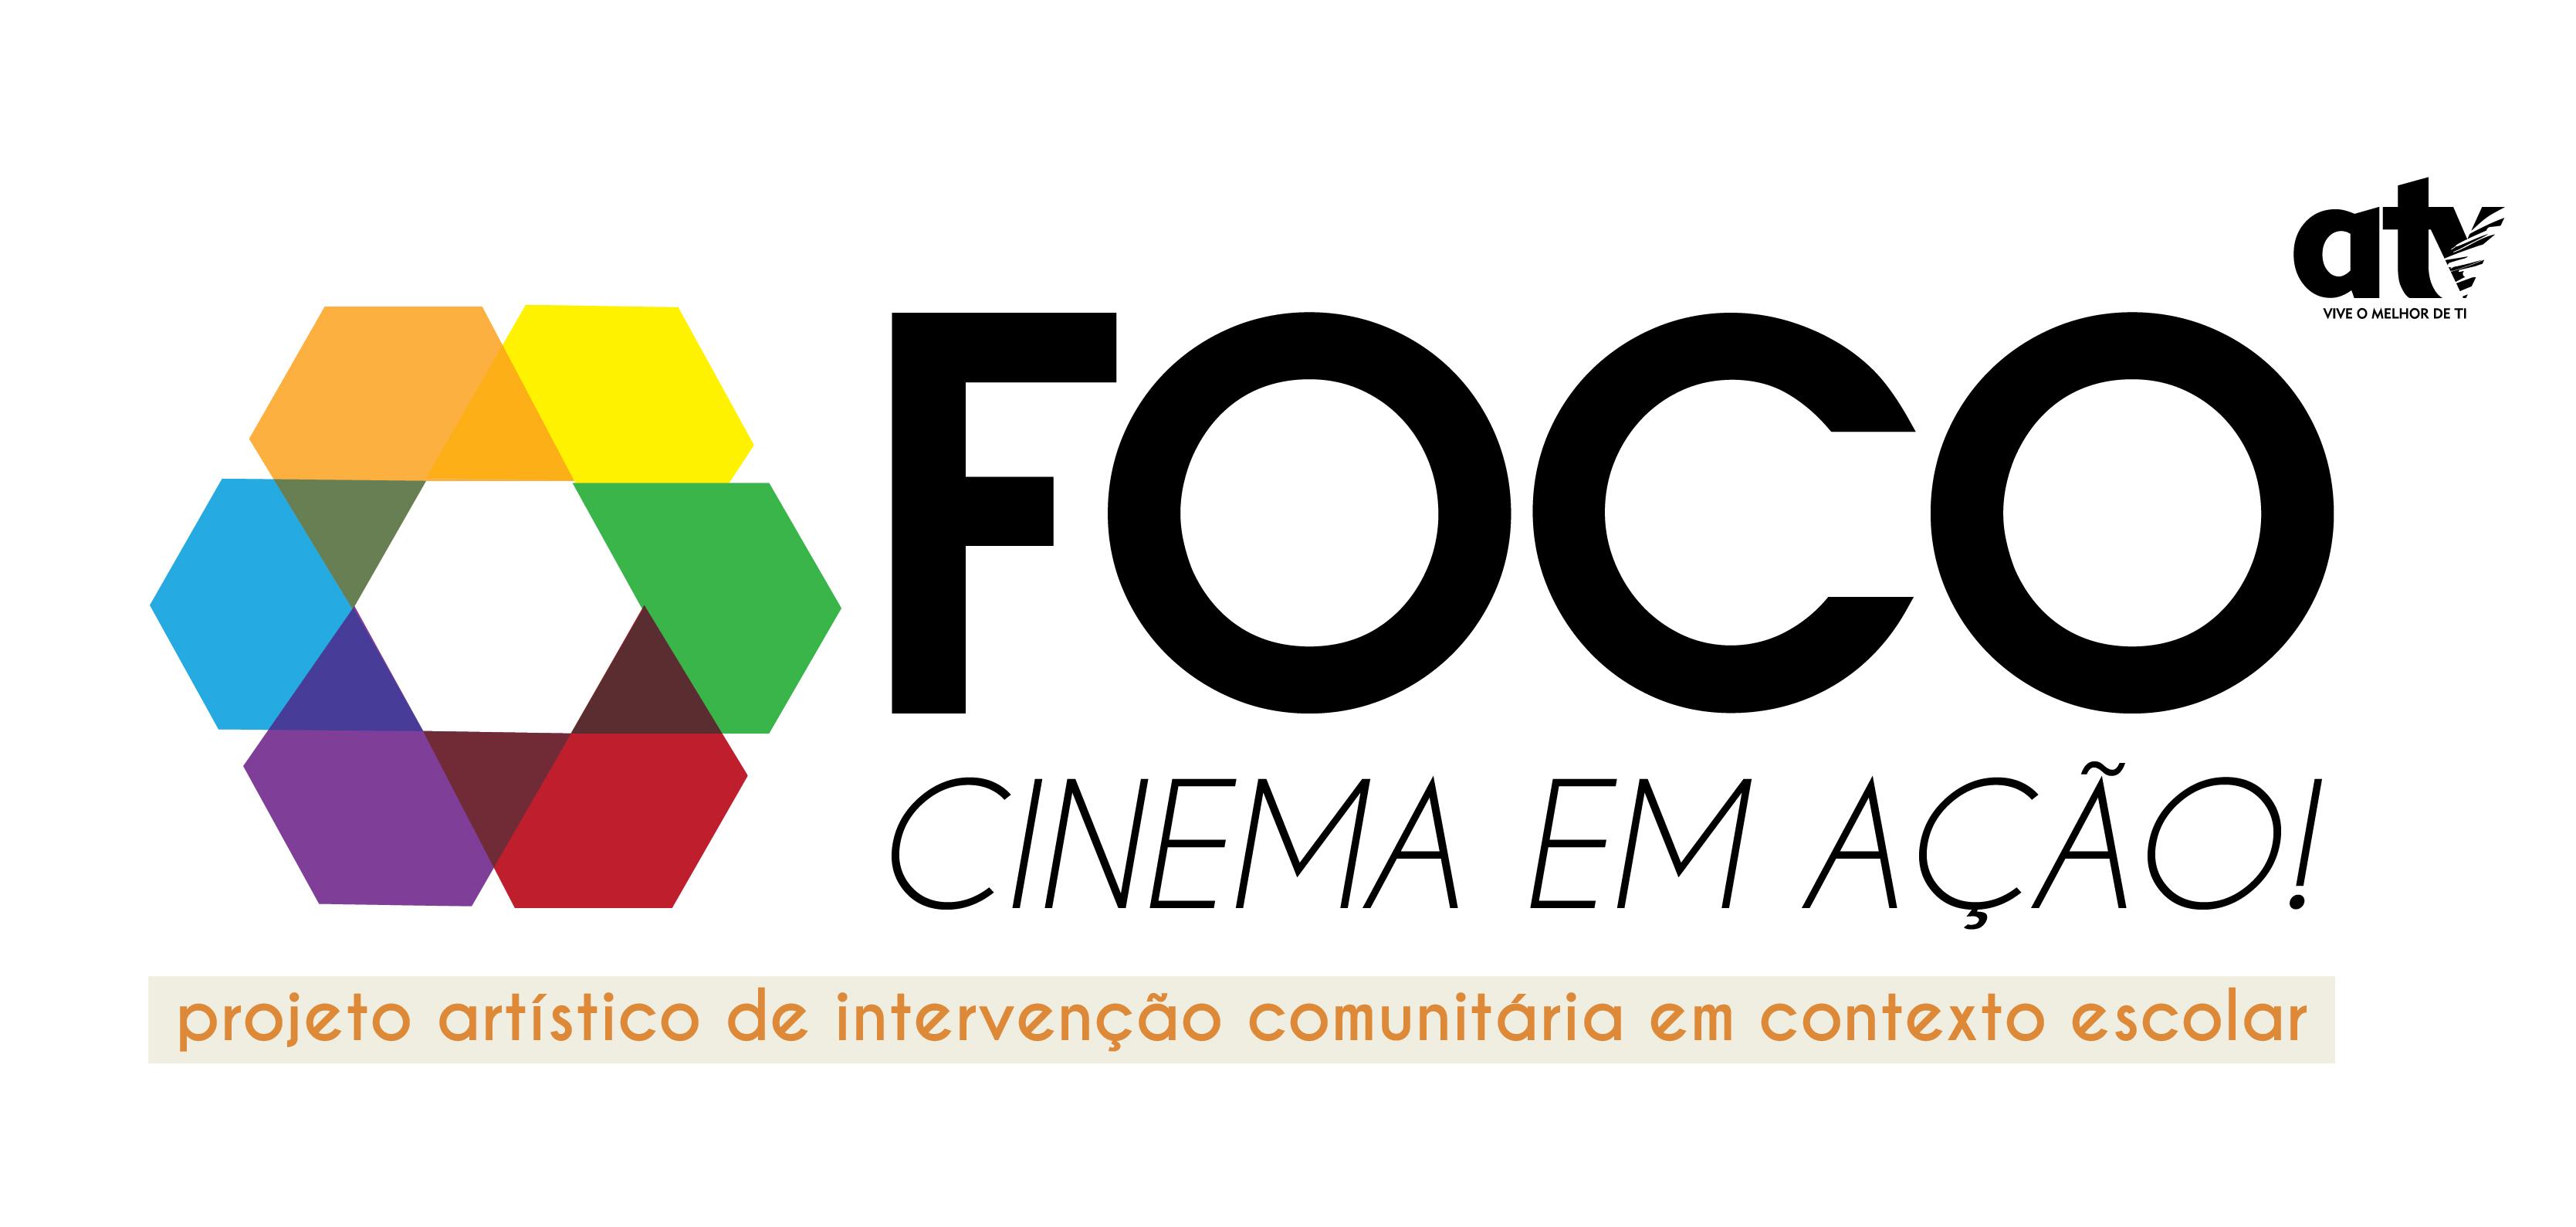 LOGO_FOCO+ATV.jpg